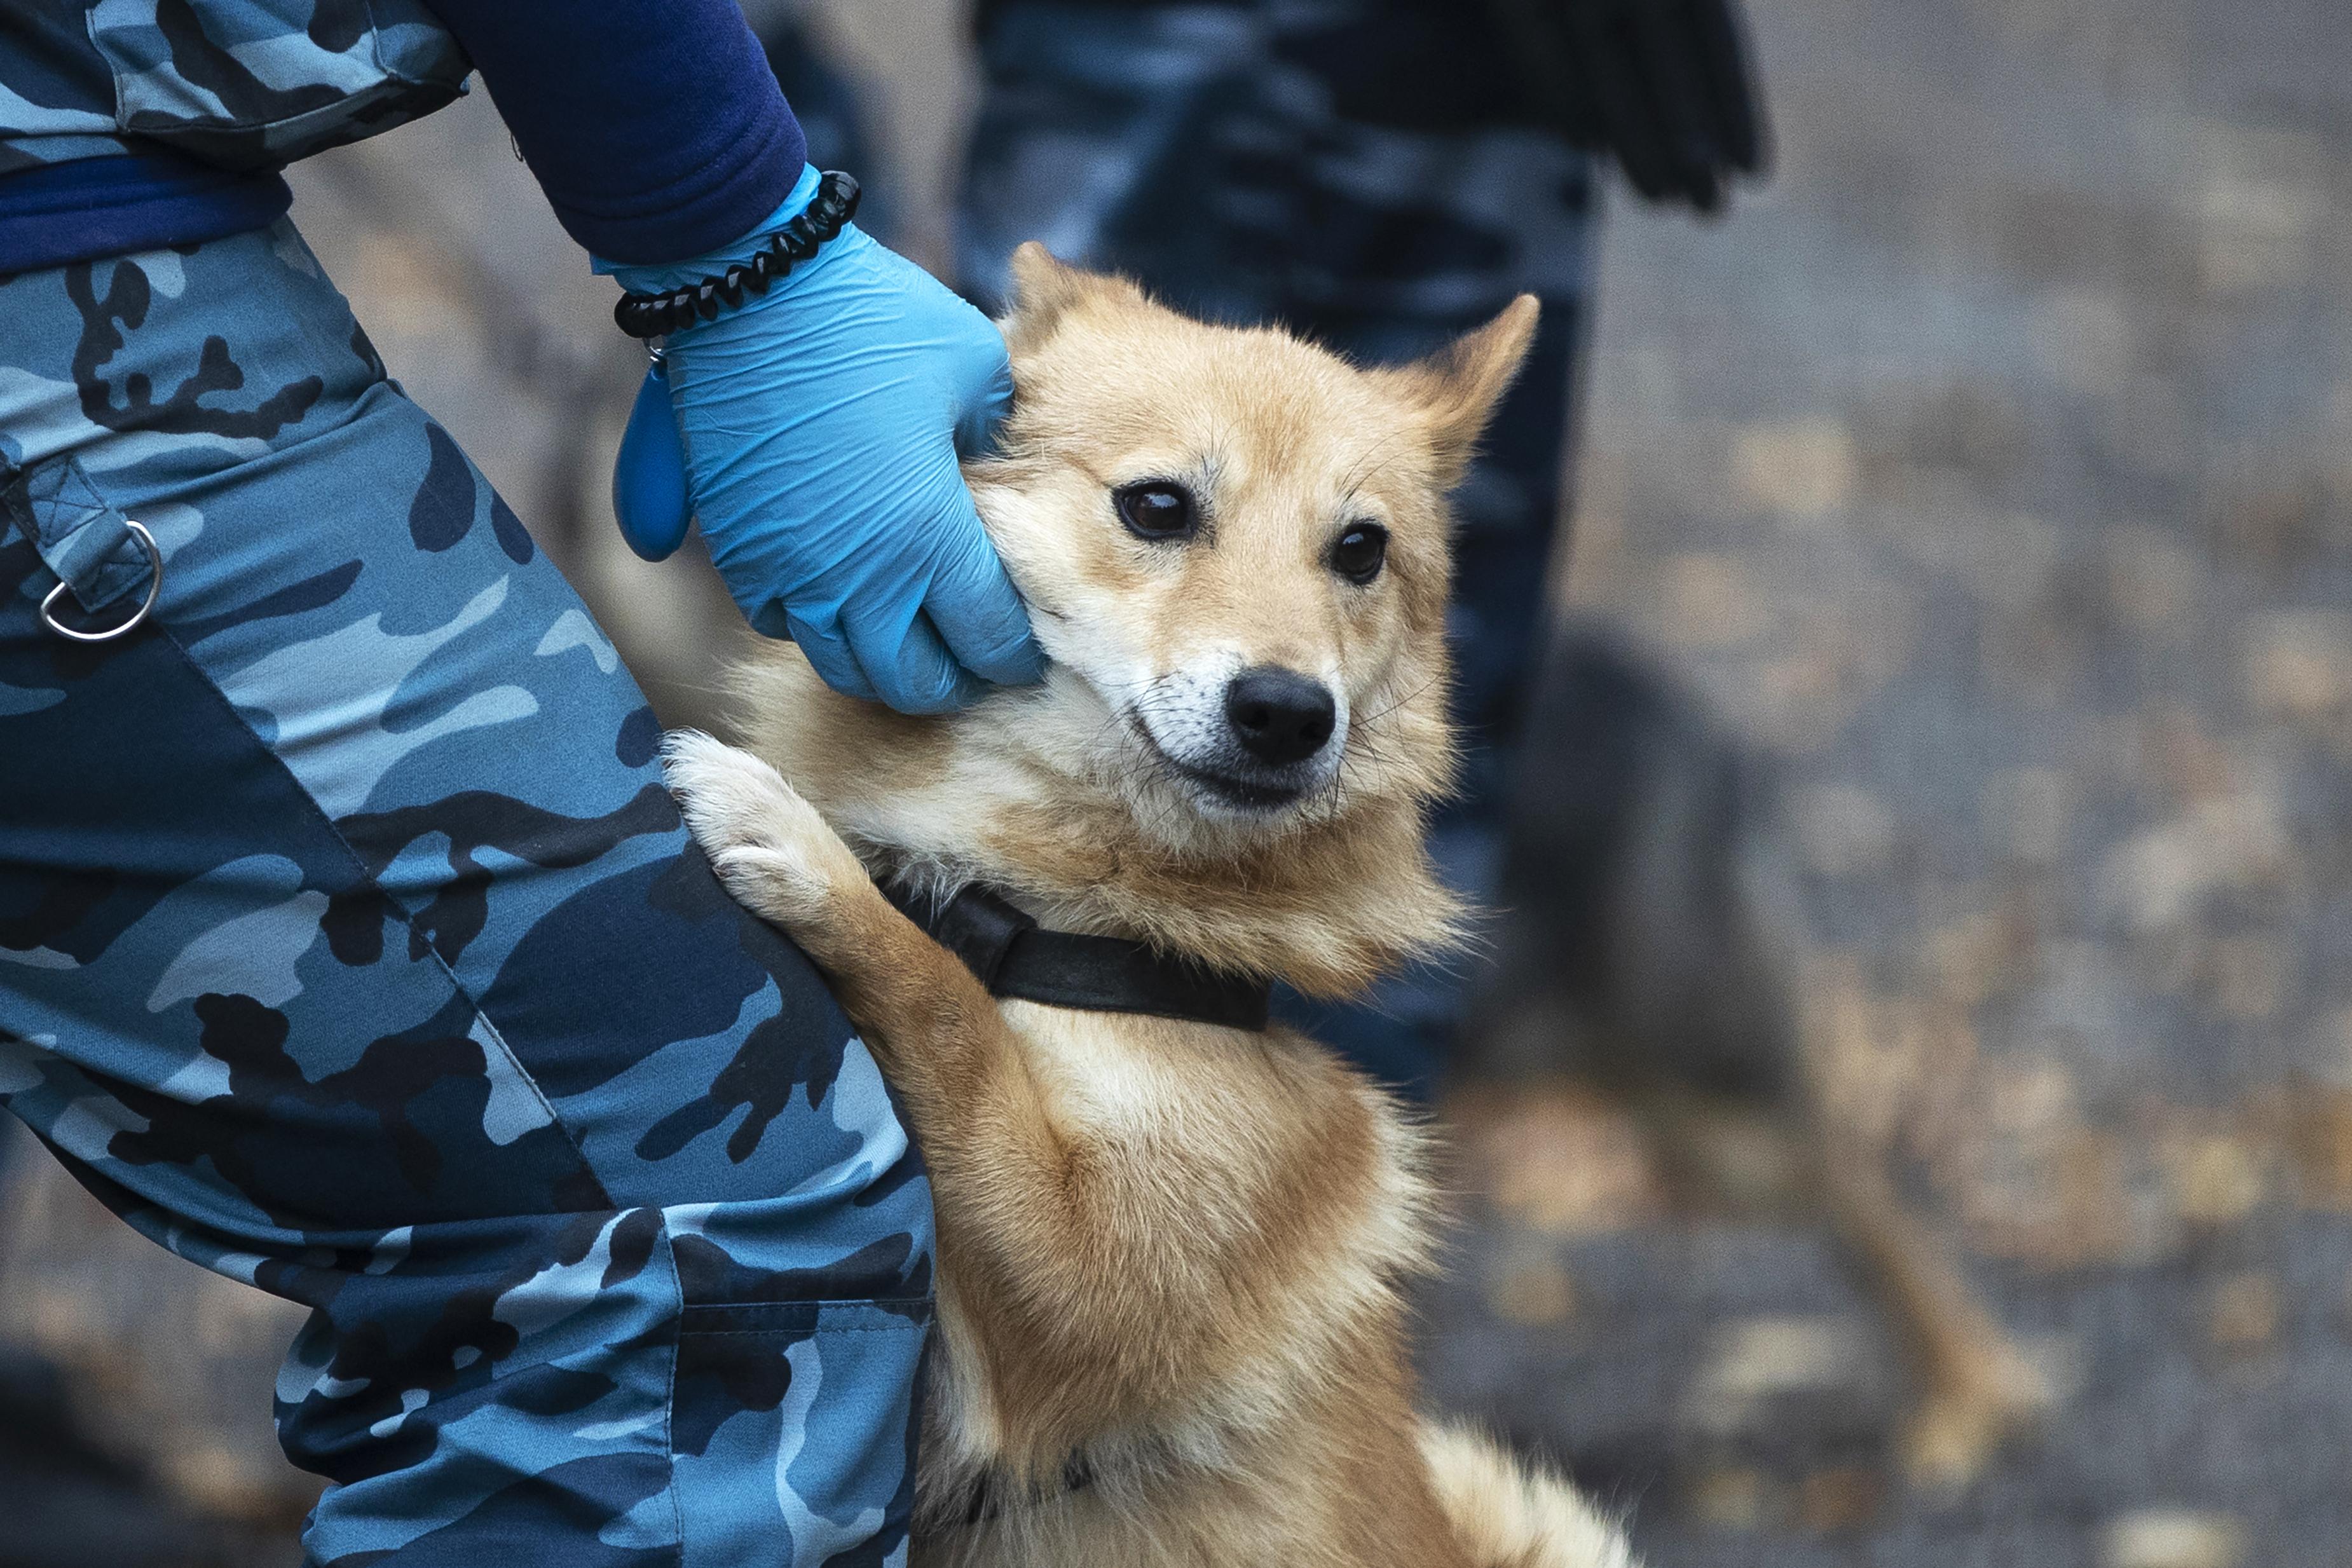 當地時間10月9日,俄羅斯莫斯科,在莫斯科國際謝列梅捷沃國際機場的一次訓練演習中,俄羅斯航空公司犬科部門的一名訓練師訓練一隻嗅探犬,讓它在感染者身上檢測出是否感染新冠病毒。(美聯社)